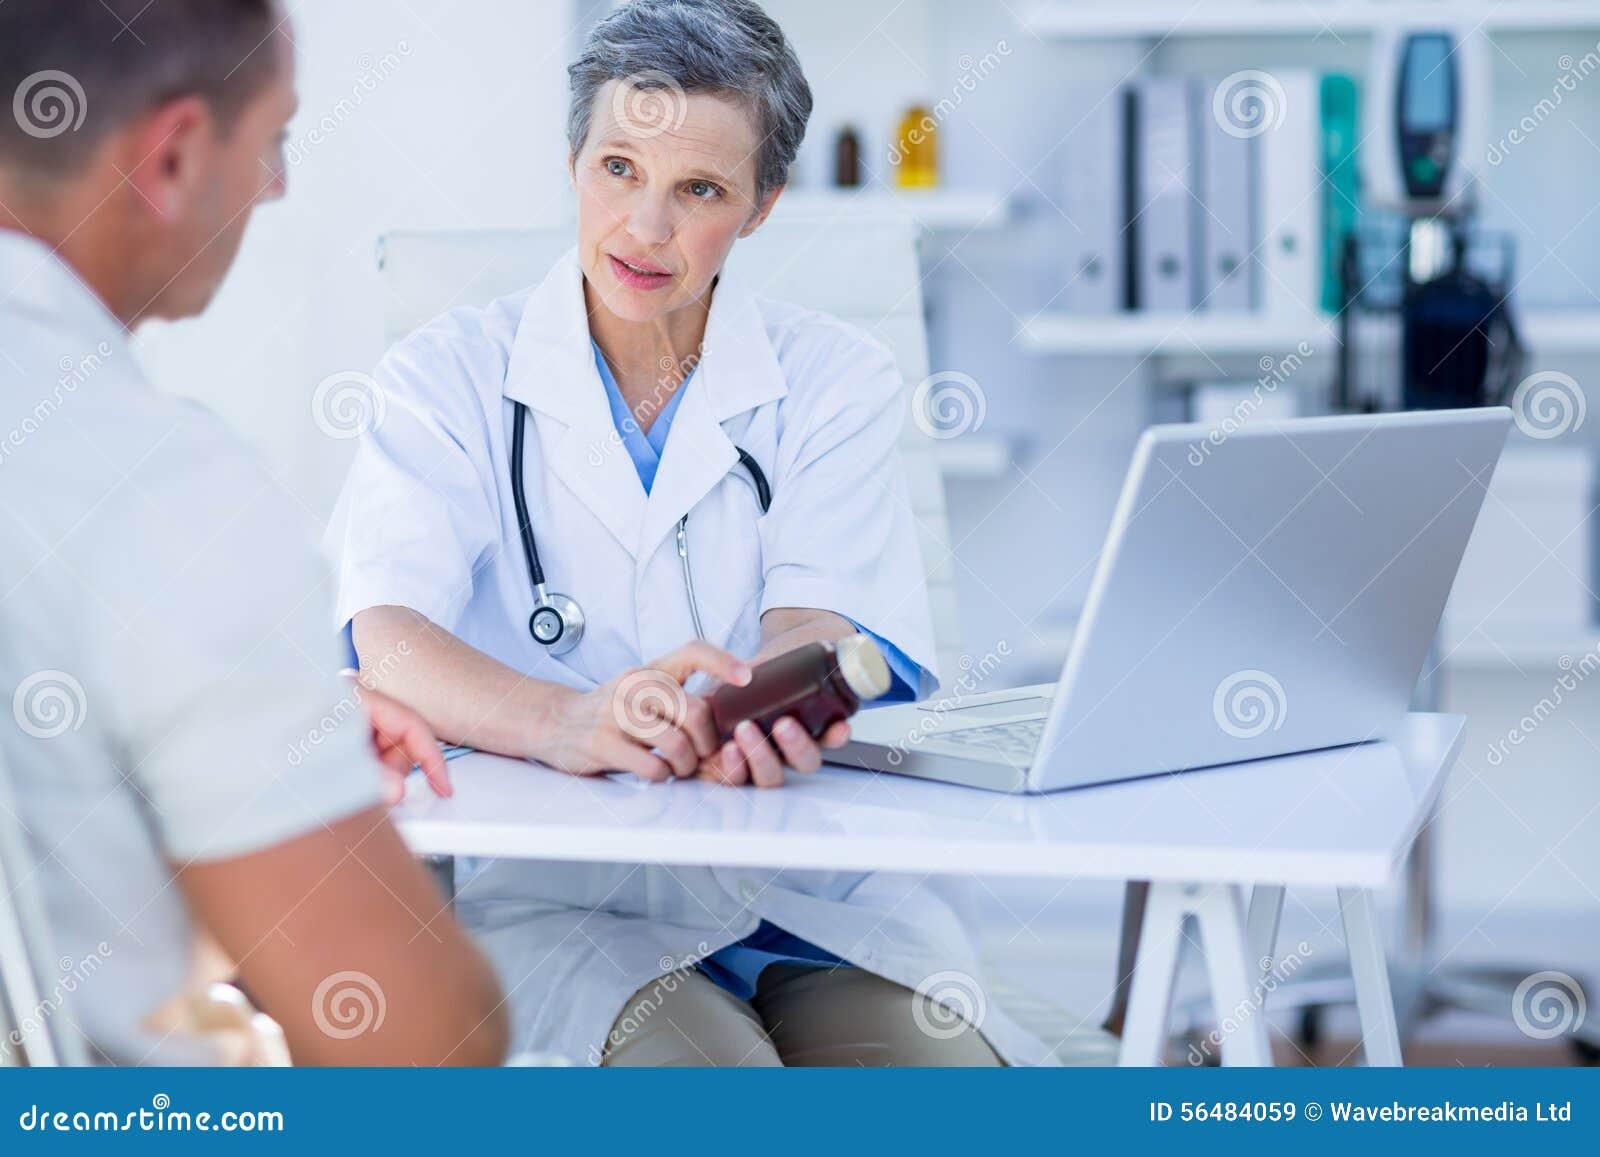 Docteur féminin tenant une boîte de pilules